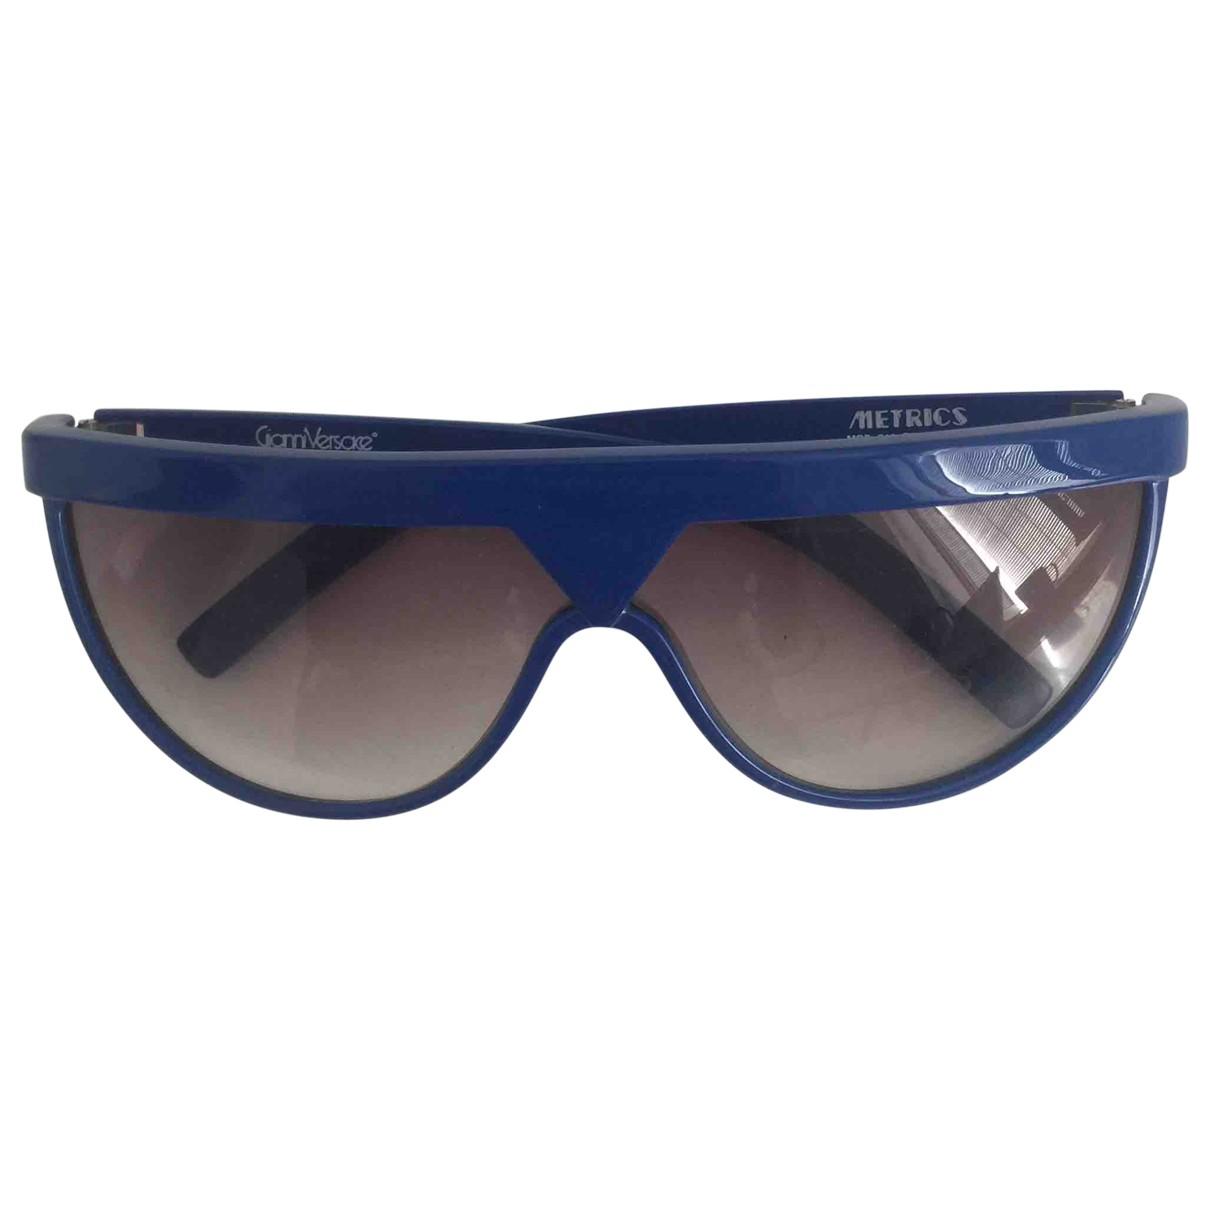 Gianni Versace - Lunettes   pour femme - bleu